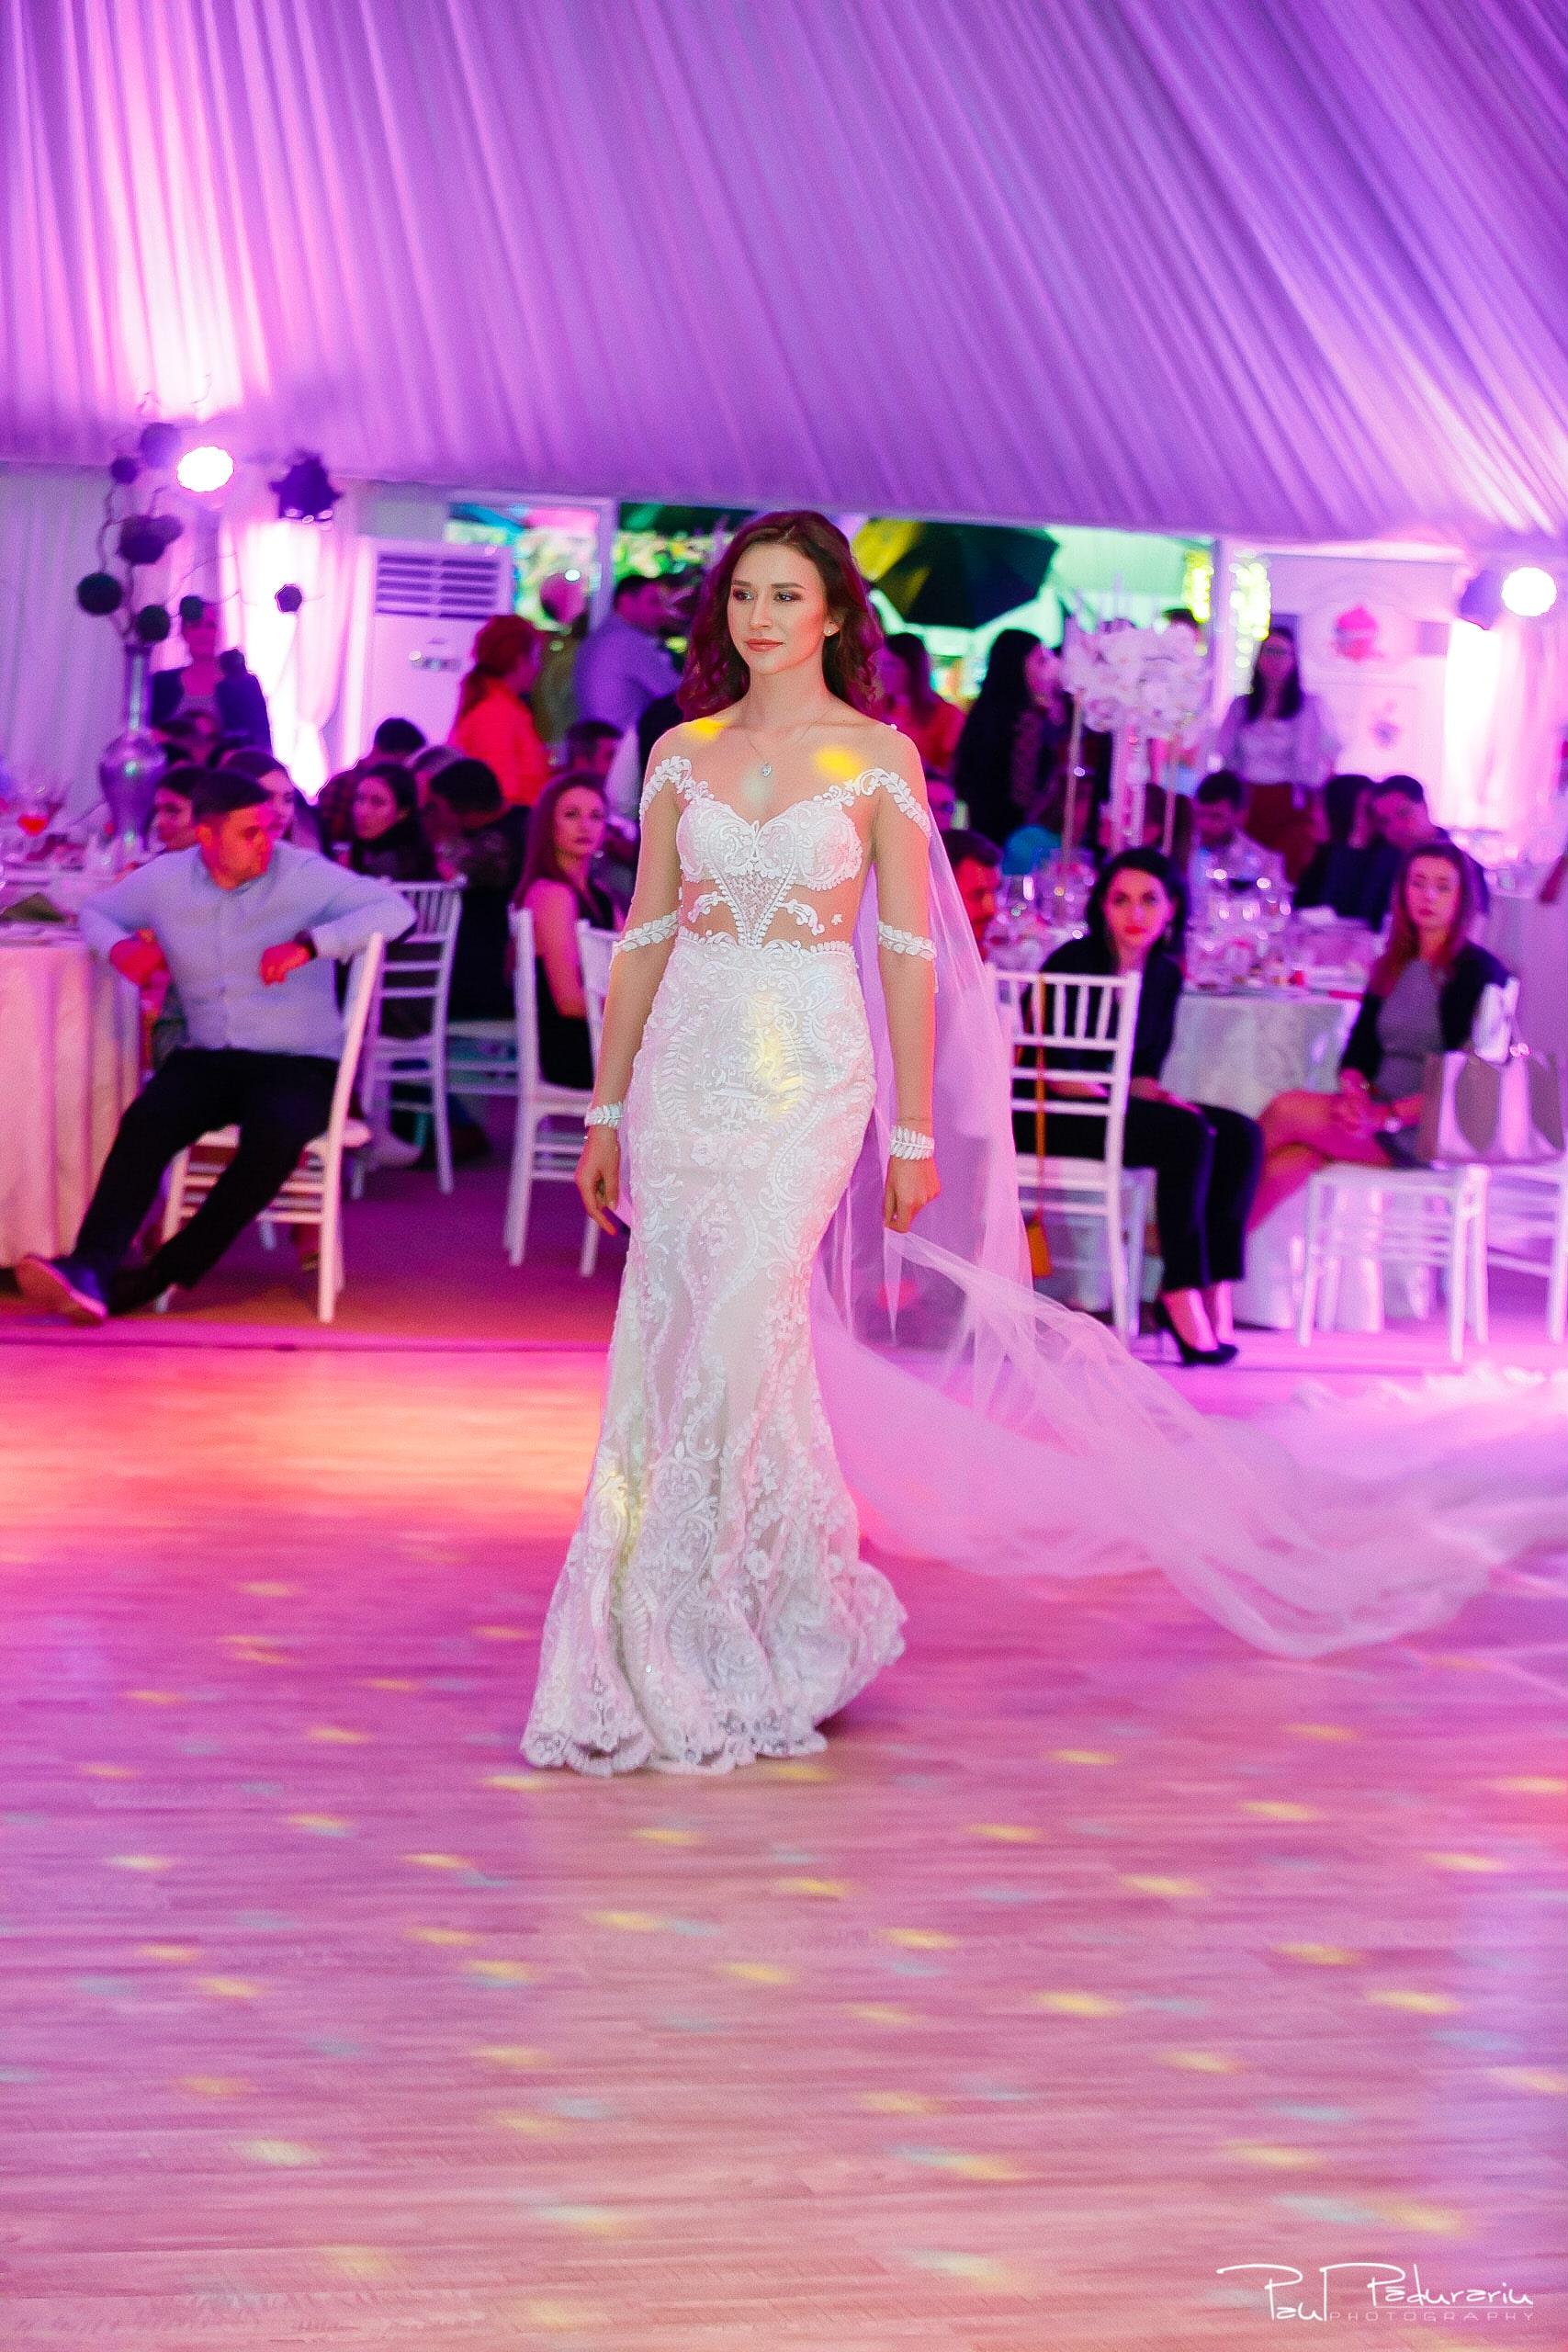 Nunta de proba Elysium Iasi 2019 paul padurariu fotograf nunta Iasi 86